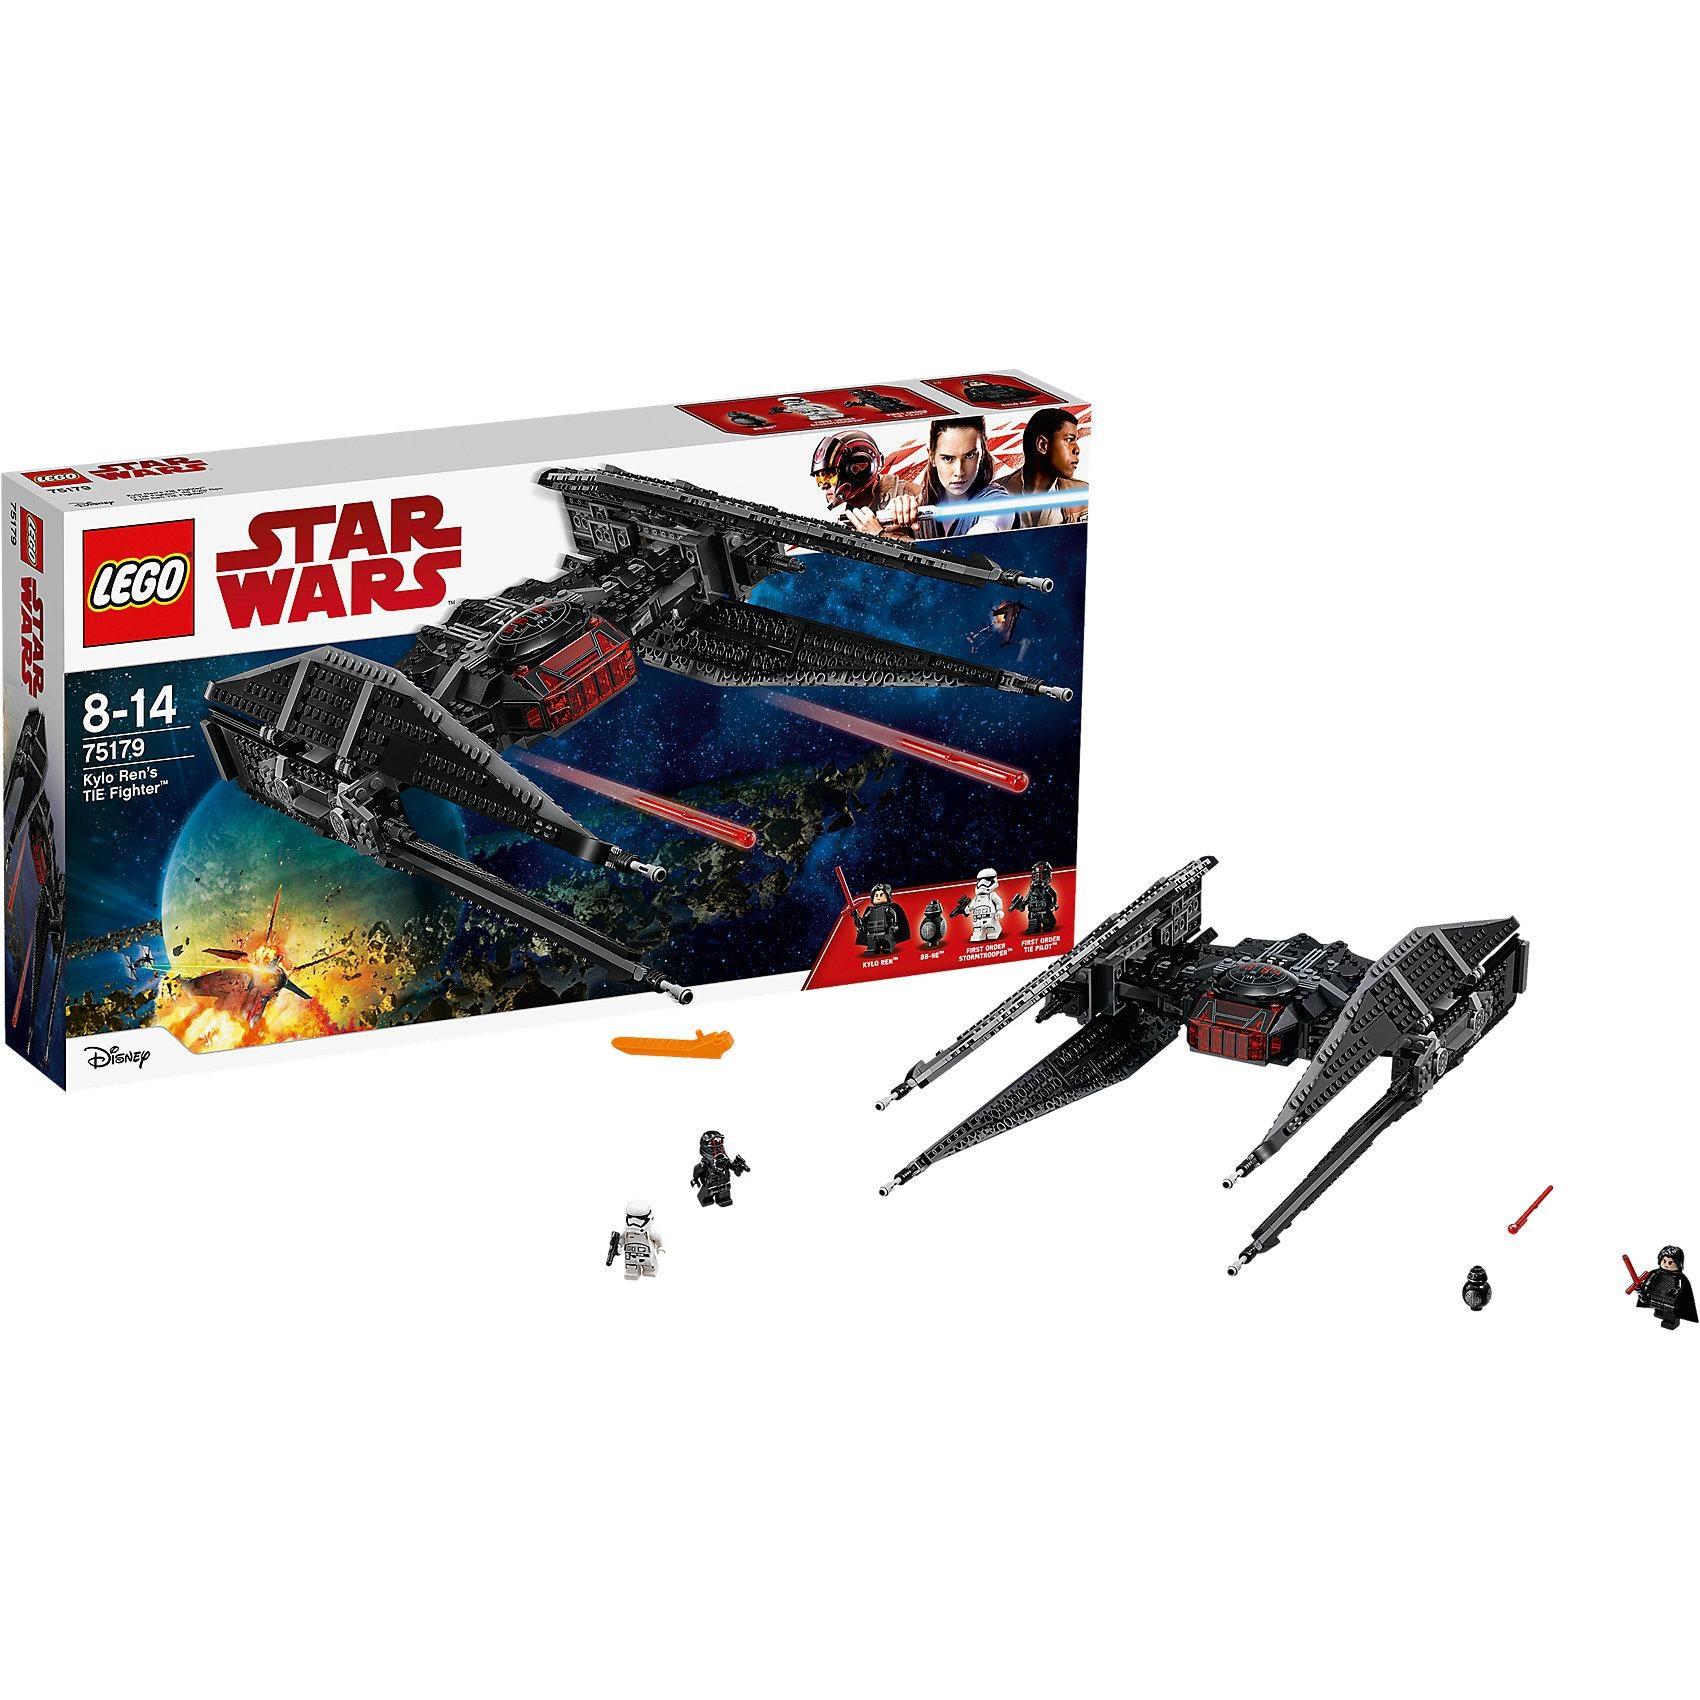 Lego Star Wars 75179 Kylo Ren's Tie Fighter